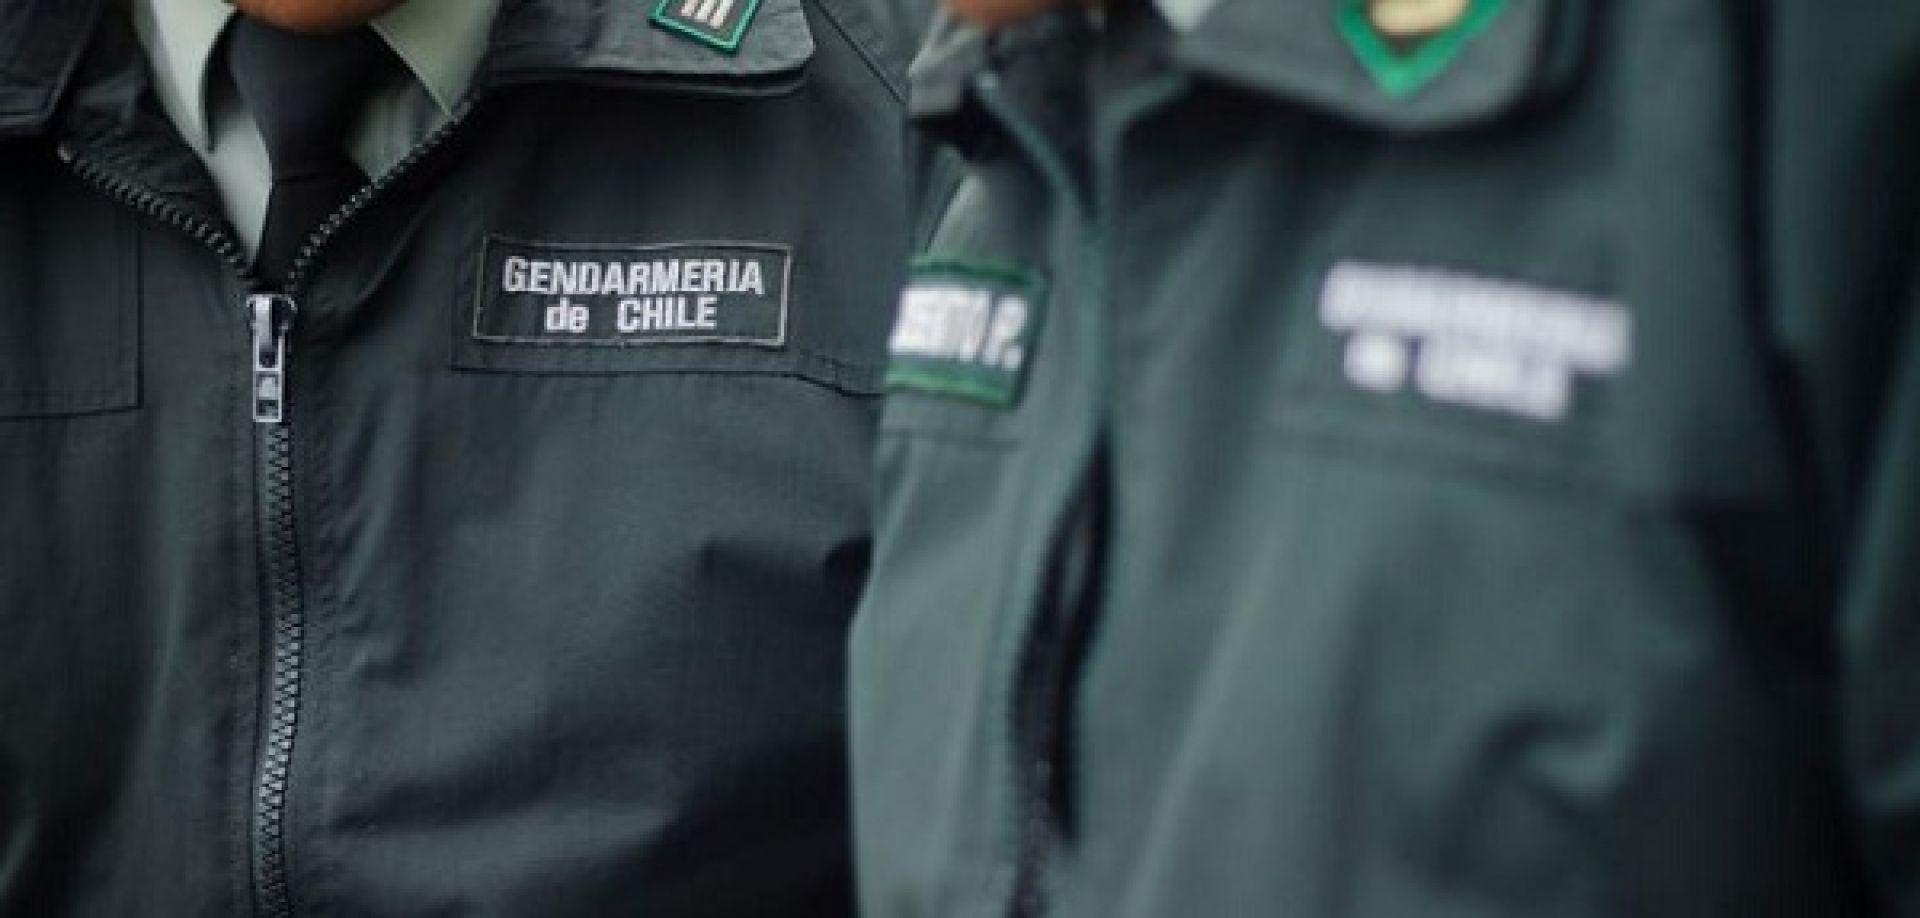 Condenan a 6 gendarmes por agresiones y tormentos: afectados estaban en prisión preventiva